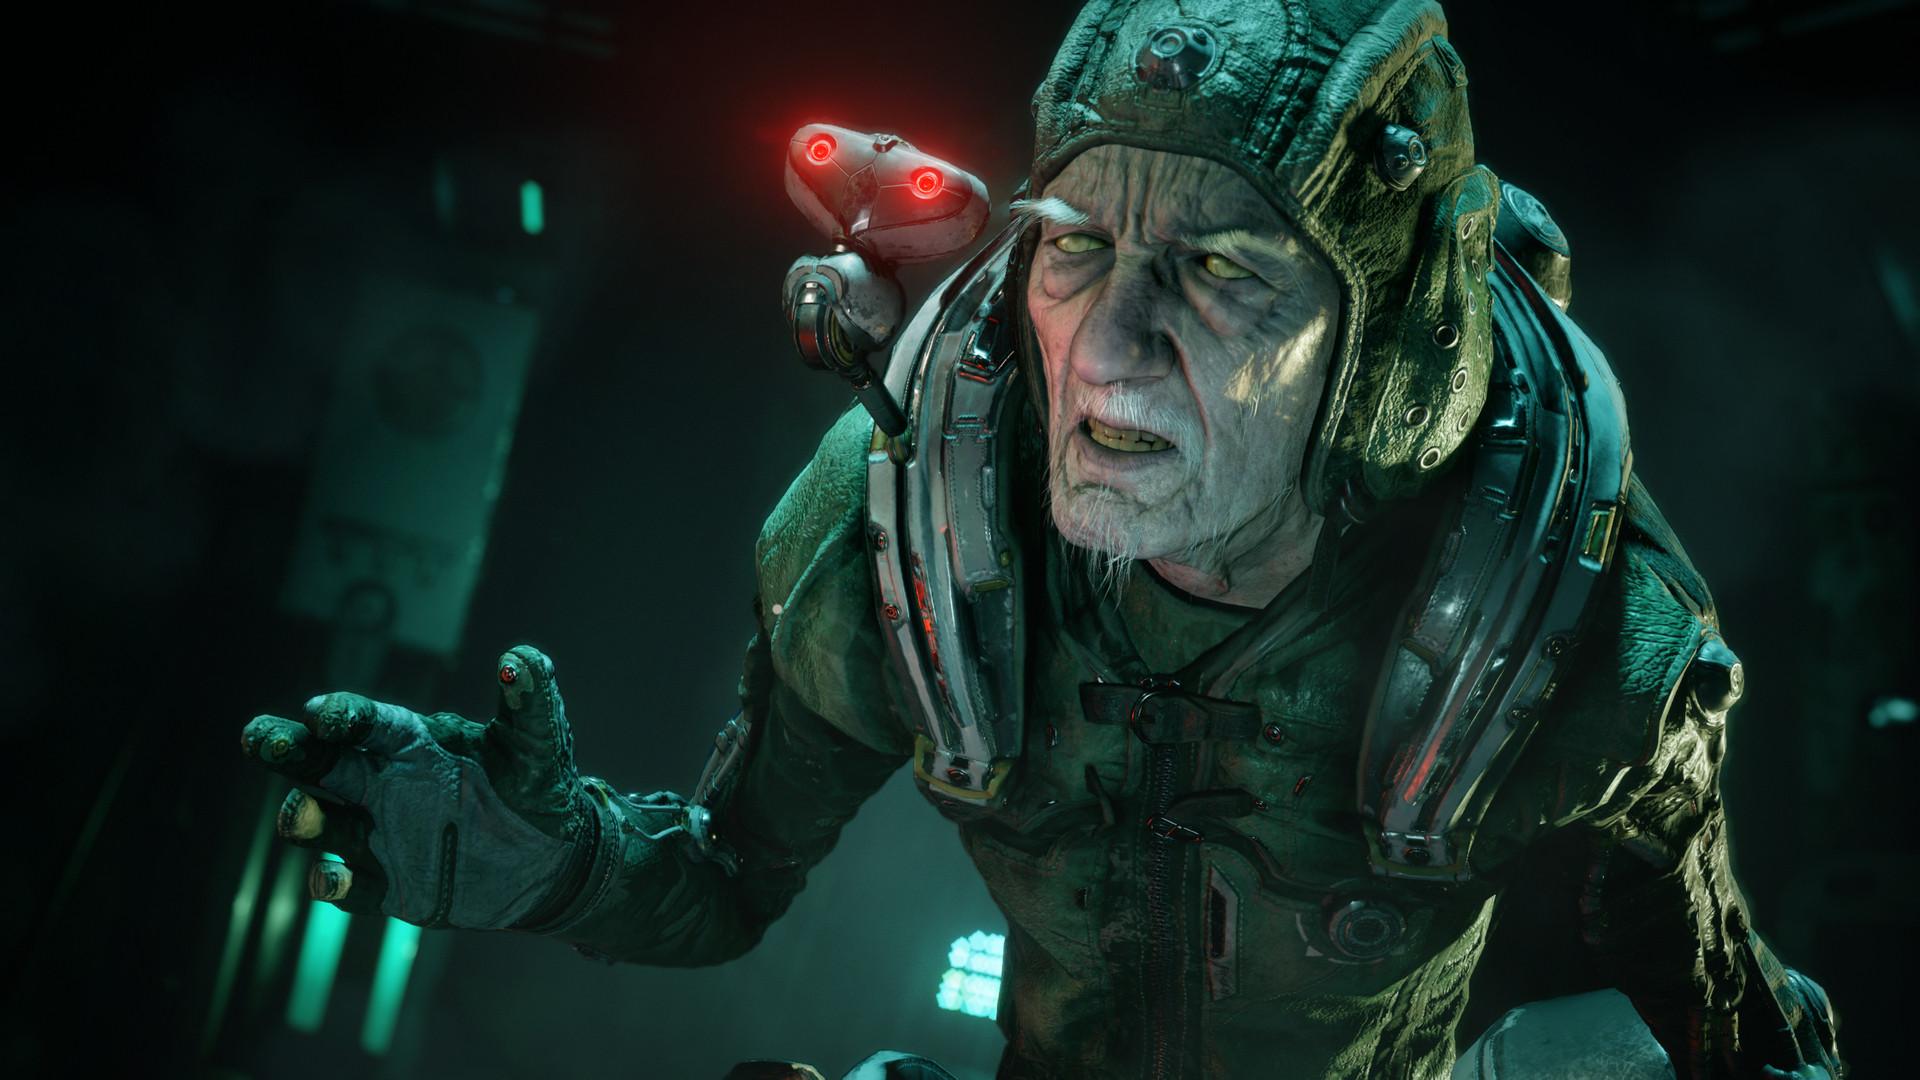 Rage 2 работает в 60 FPS на PS4 Pro и Xbox One X. В игре не будет мультиплеера и героя из первой части